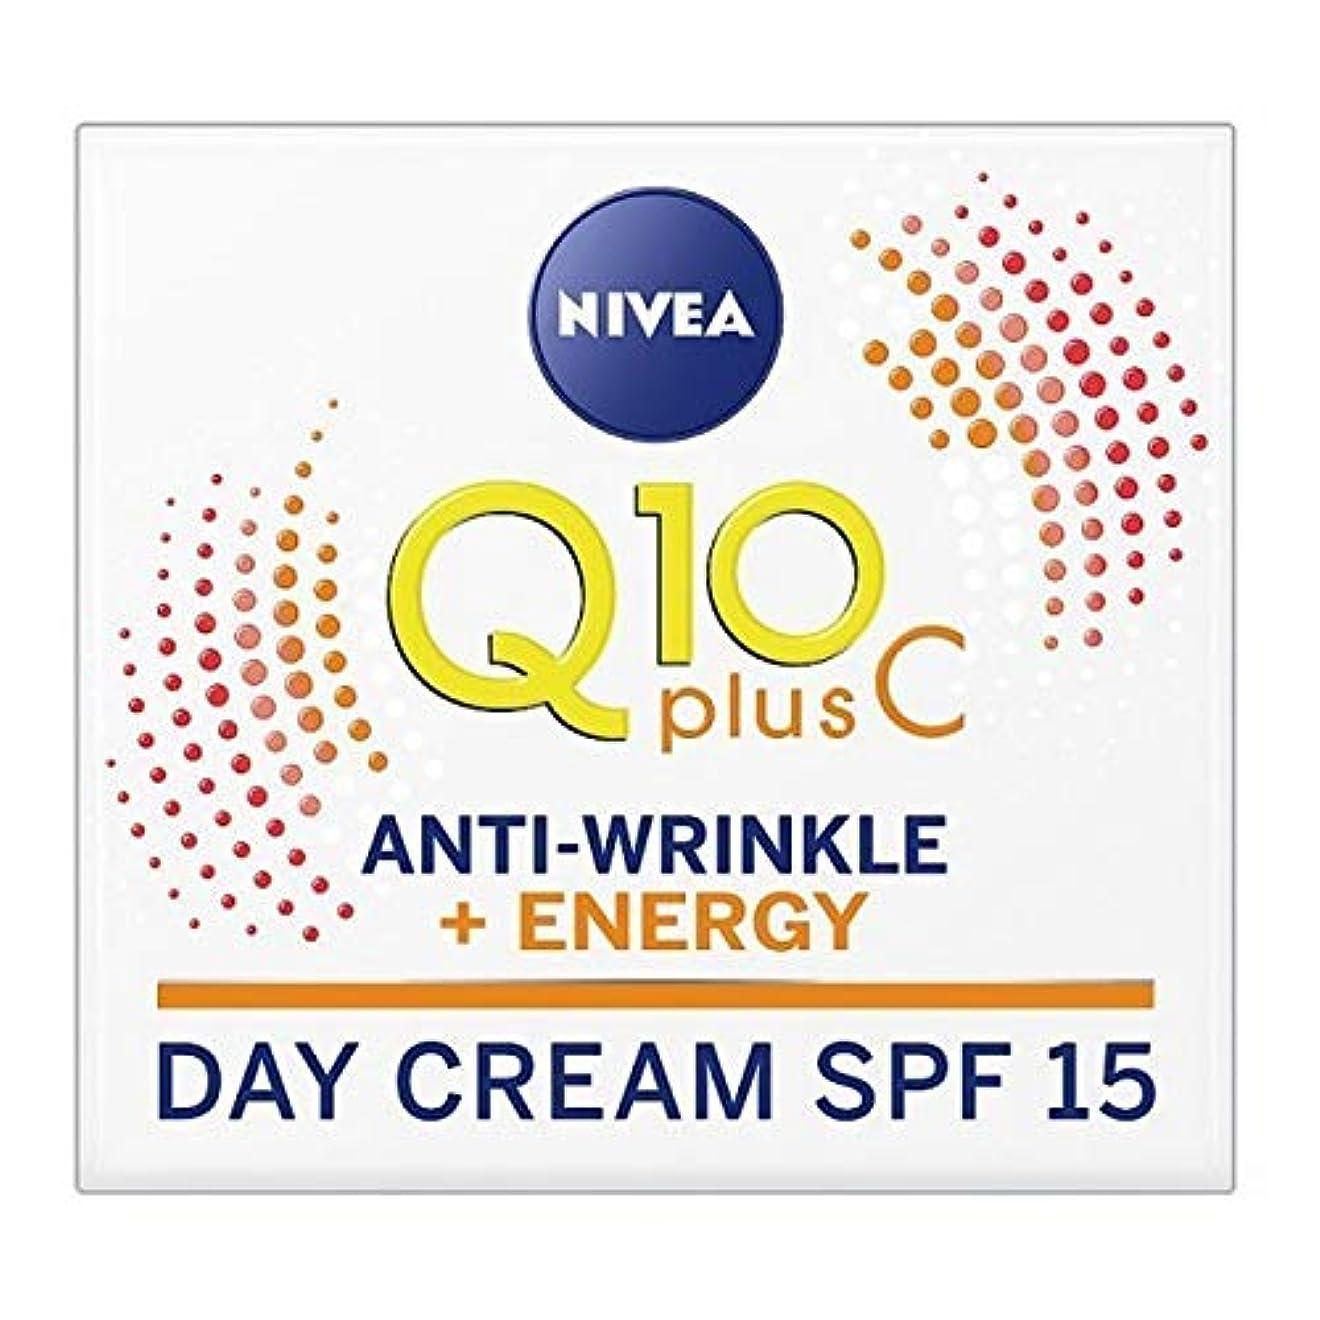 富ブリリアント調整する[Nivea ] ニベアのQ10、ビタミンC抗シワエネルギーフェイスクリームSpf 15 - NIVEA Q10 Vitamin C Anti-Wrinkle Energy Face Cream SPF 15 [並行輸入品]